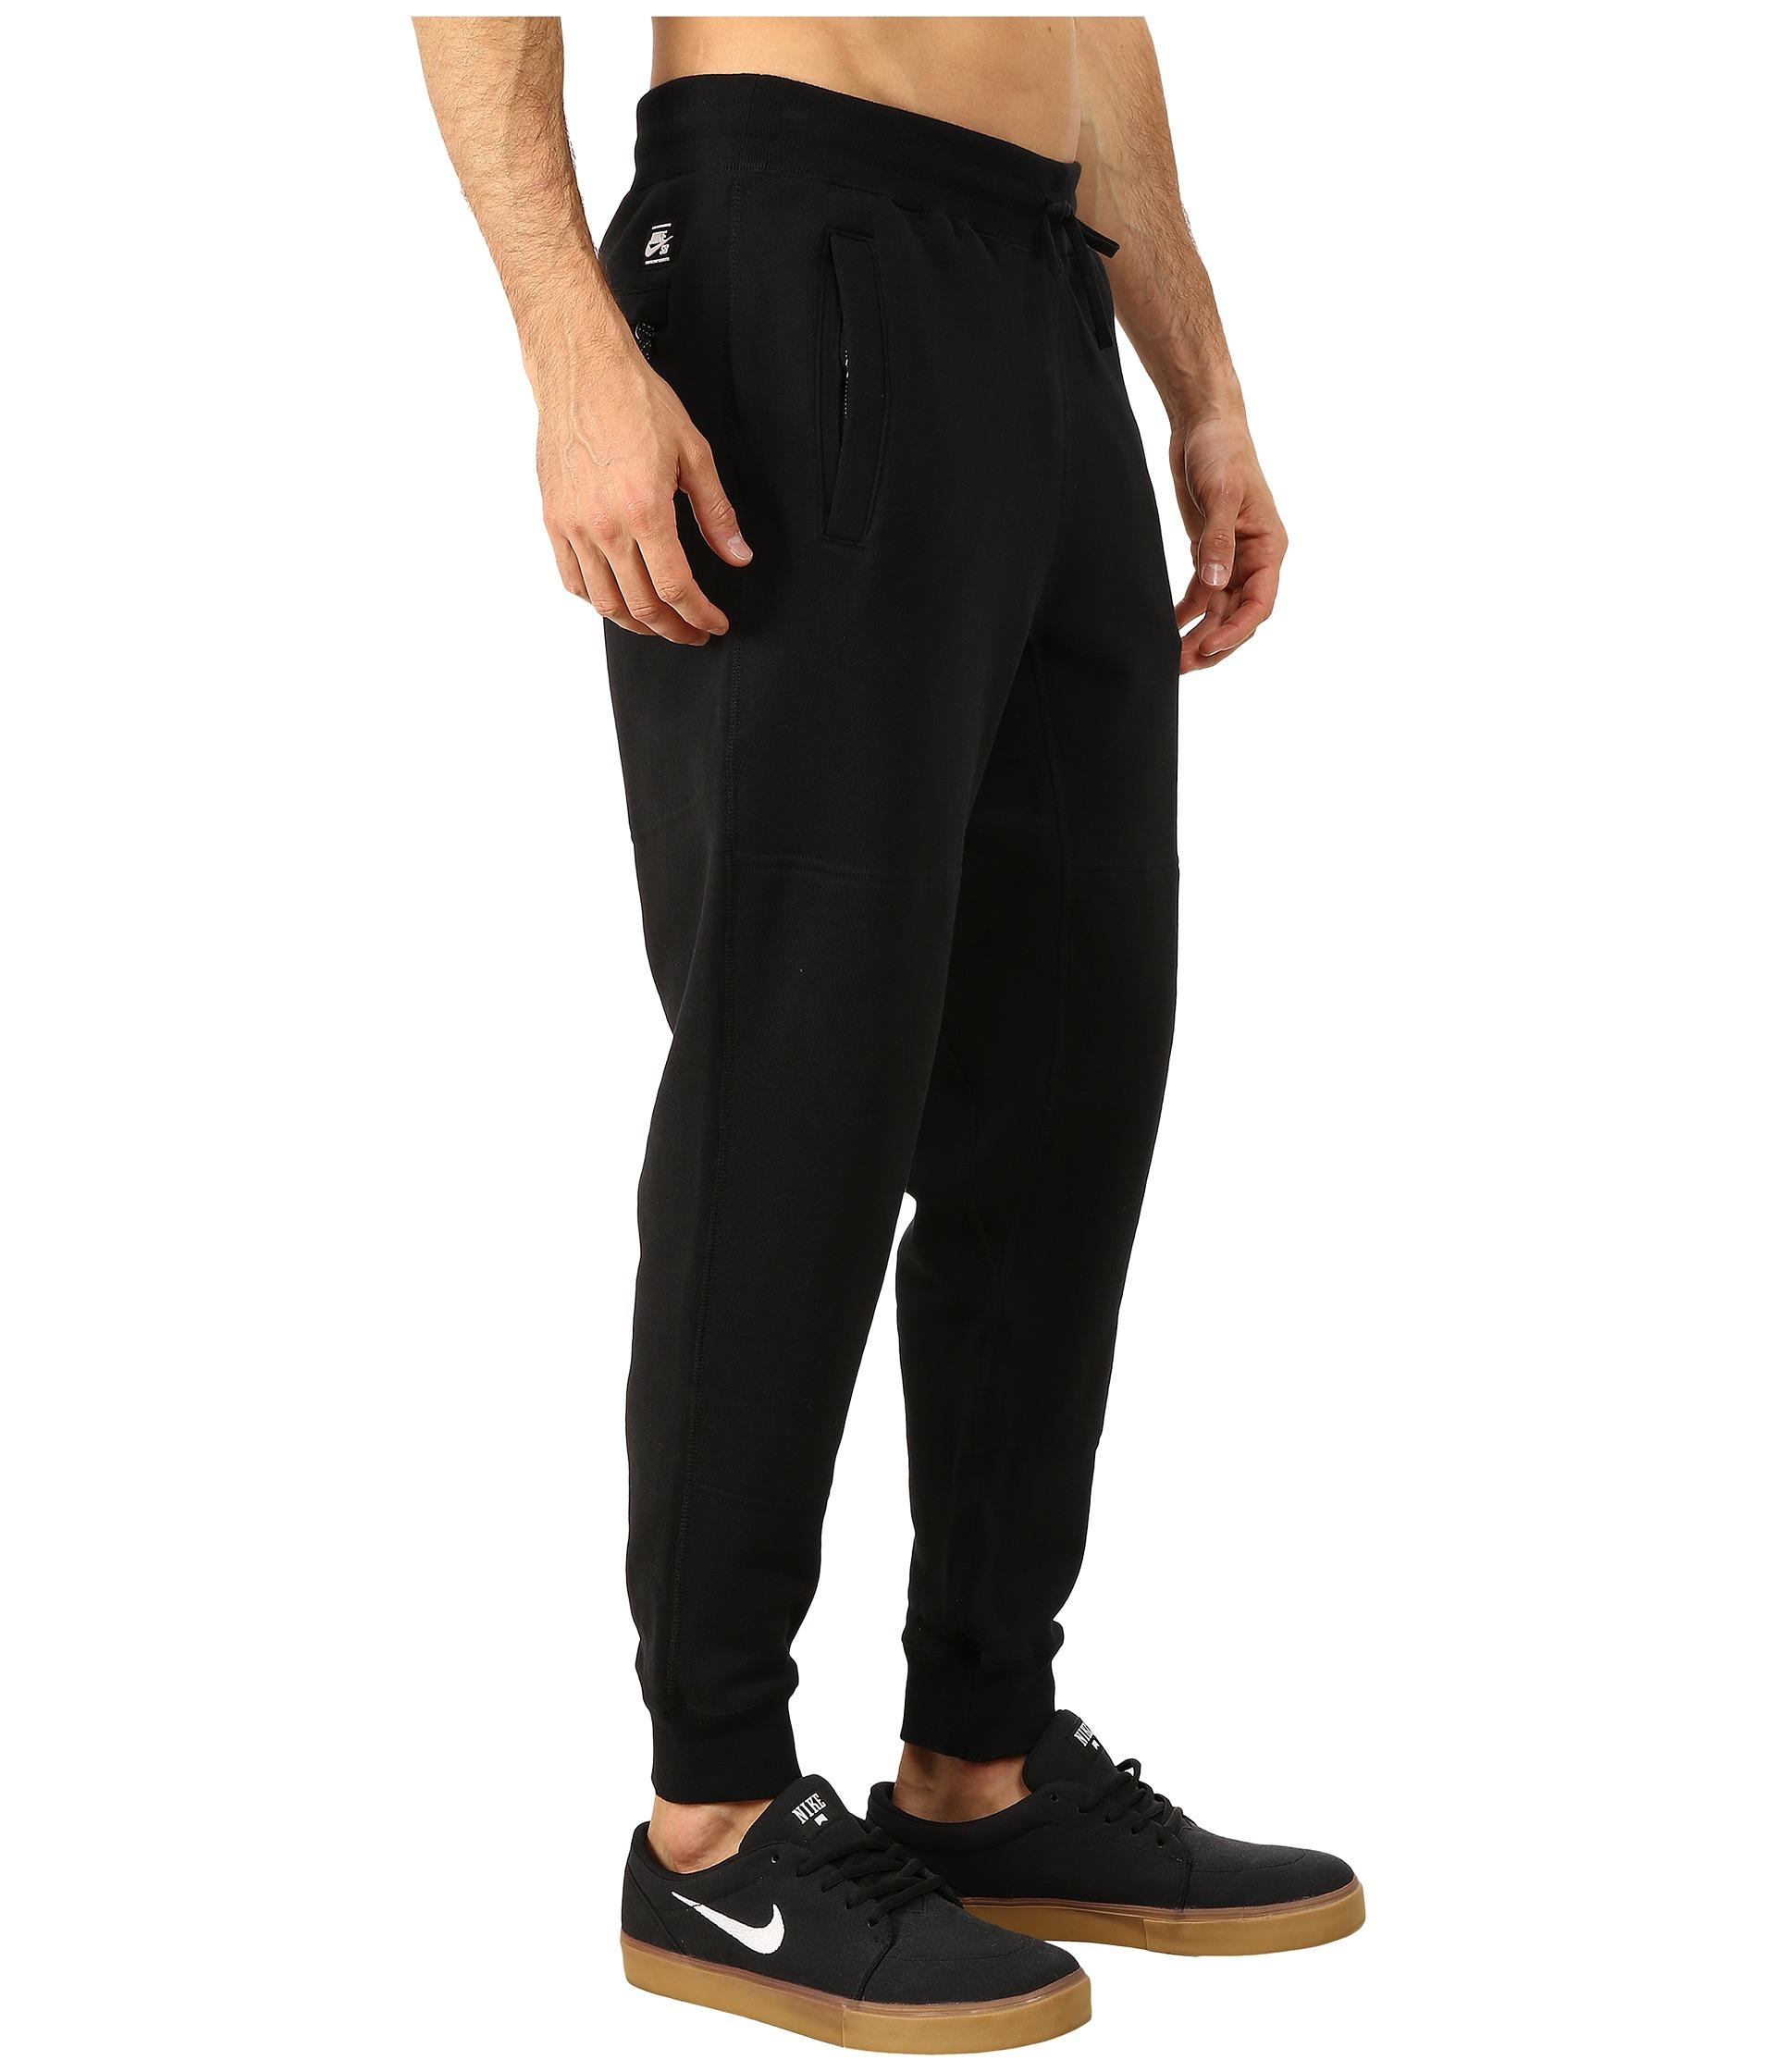 77fd147d9ff2 Lyst - Nike Sb Everett Pant in Black for Men